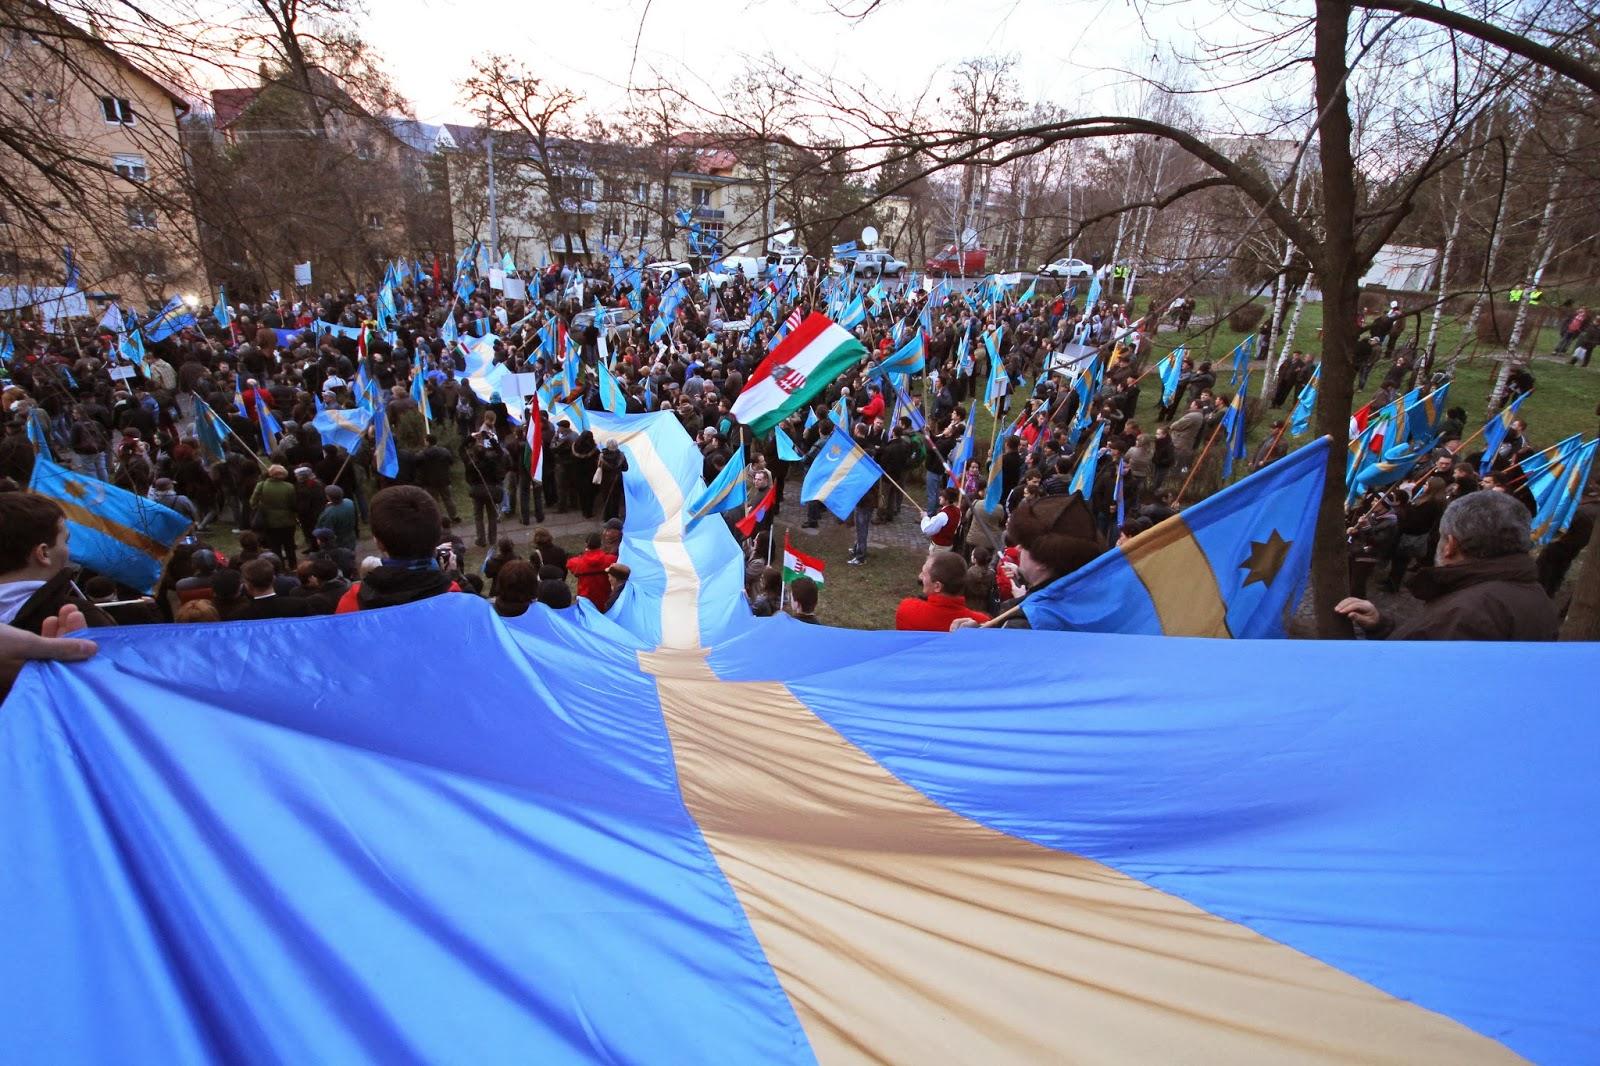 Székely Szabadság Napja, Marosvásárhely, Székely Nemzeti Tanács, Székelyföld, székely autonómia